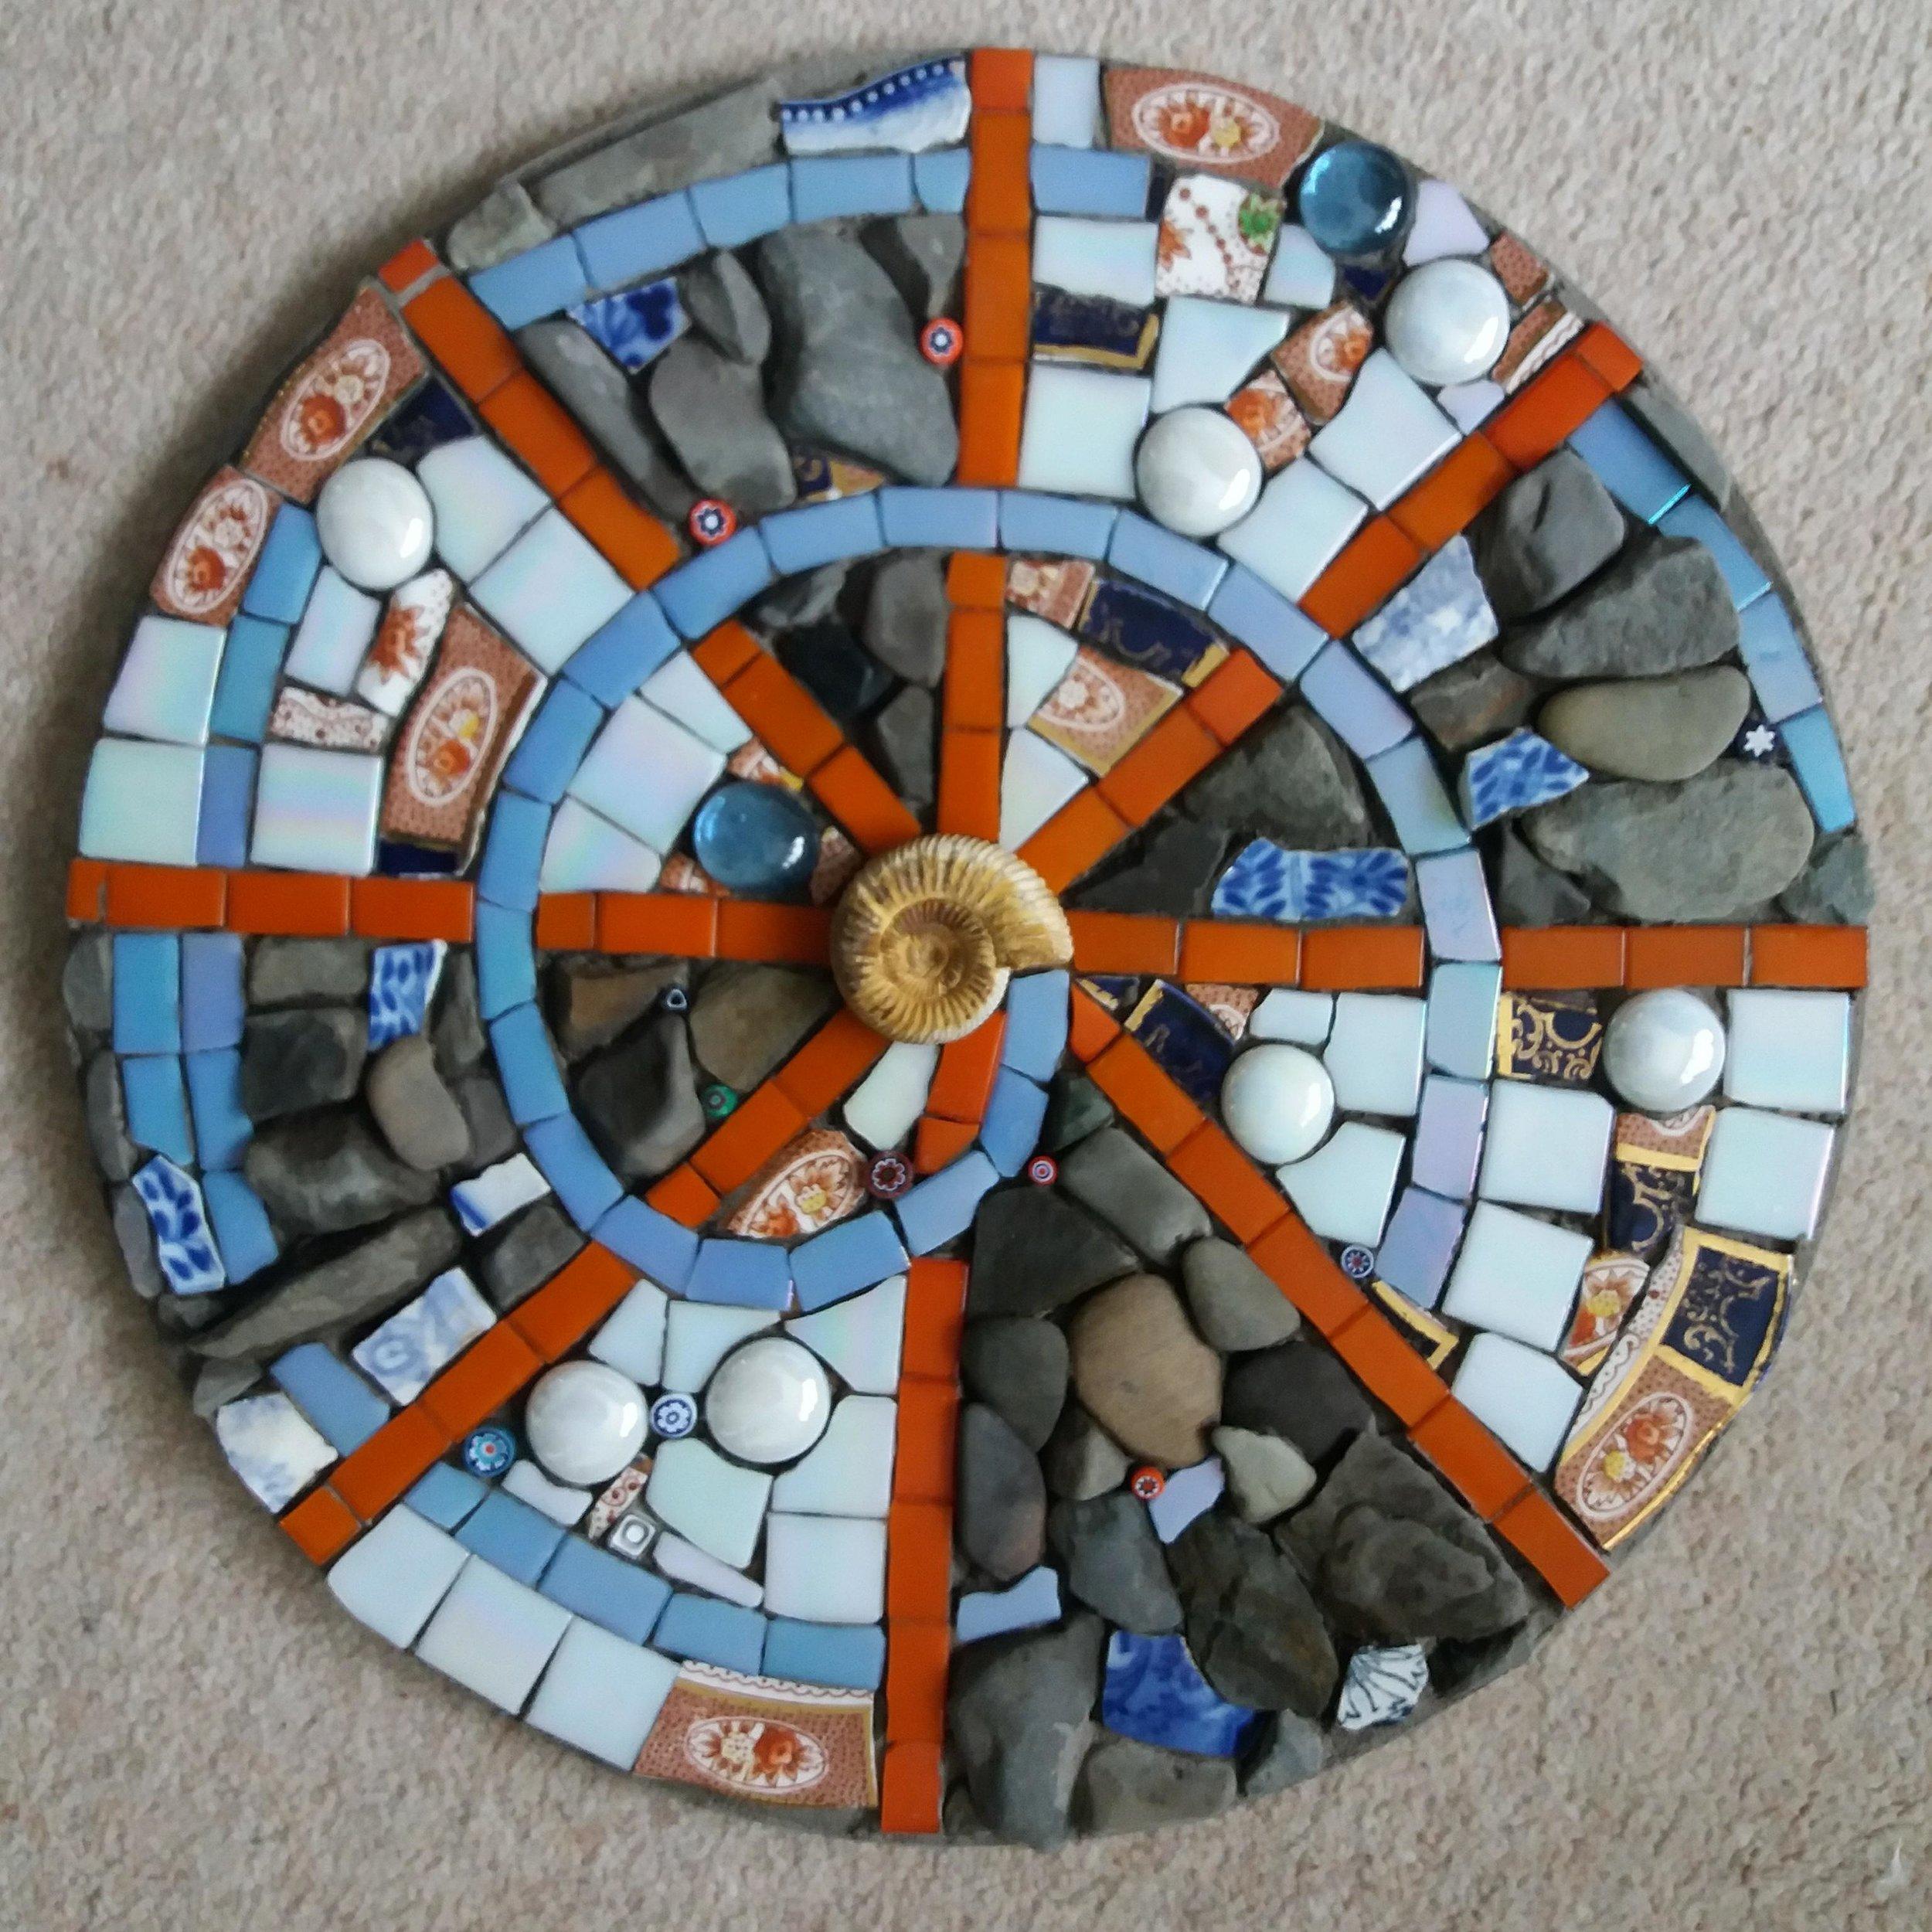 Spiral Mixed Media Mosaic